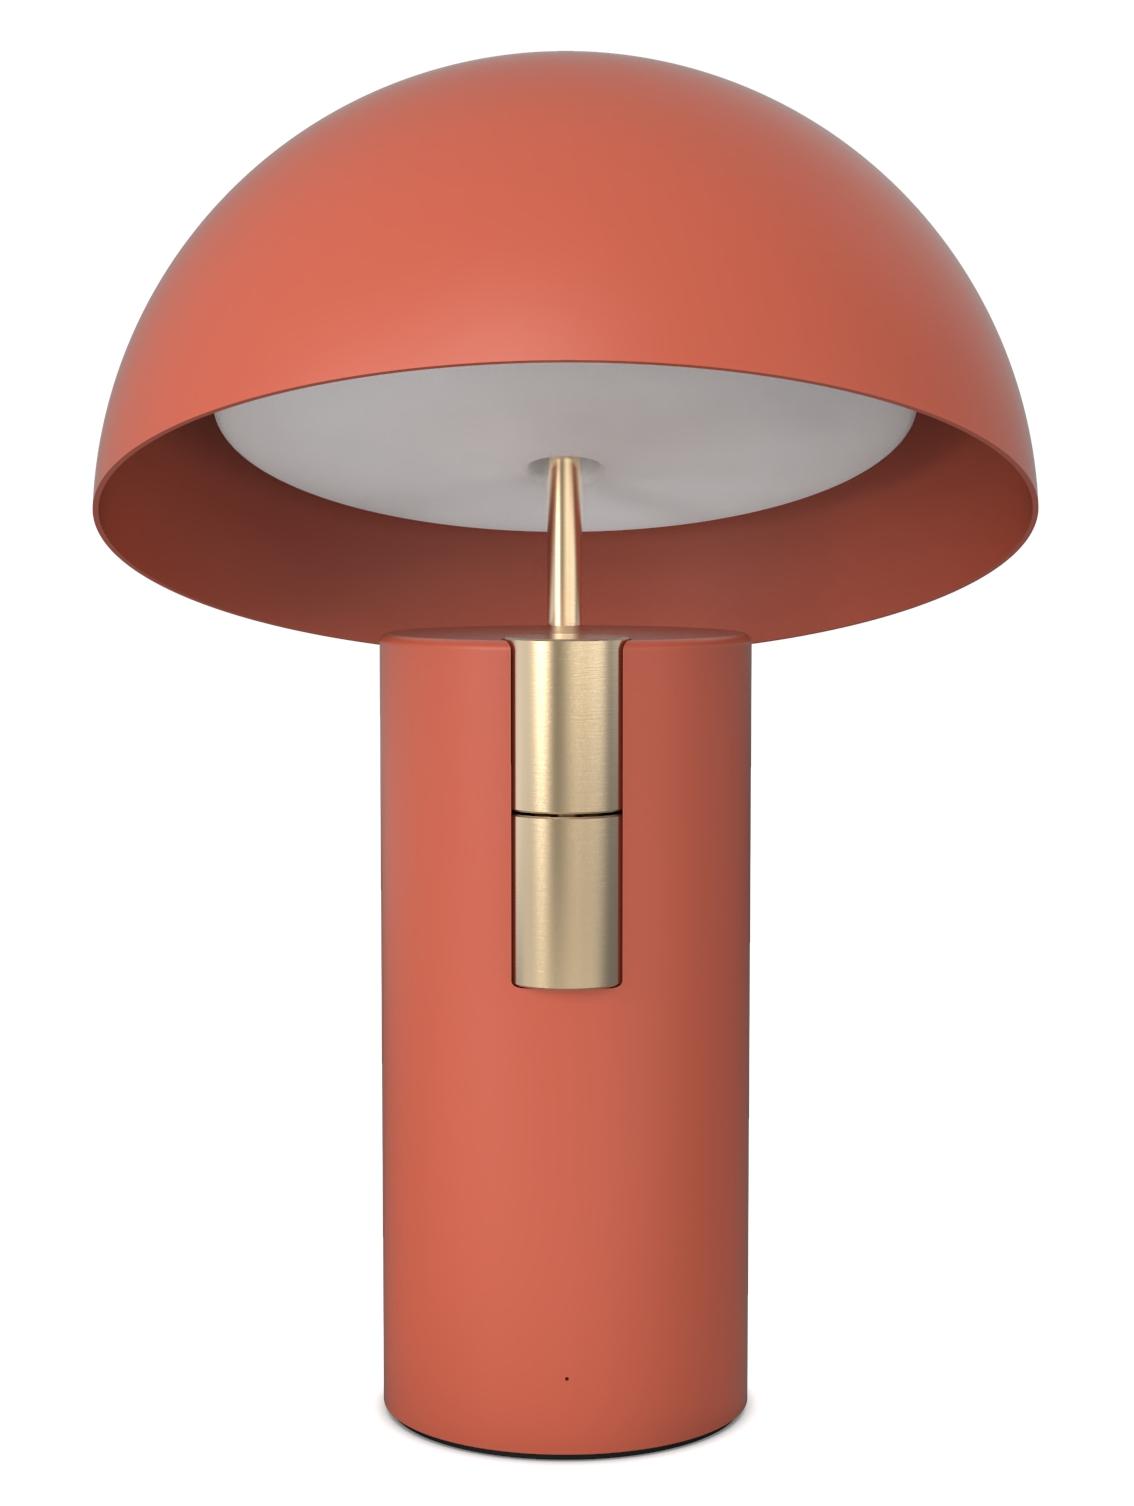 Alto - The bedside lamp - La Rouquine - Jaune Fabrique